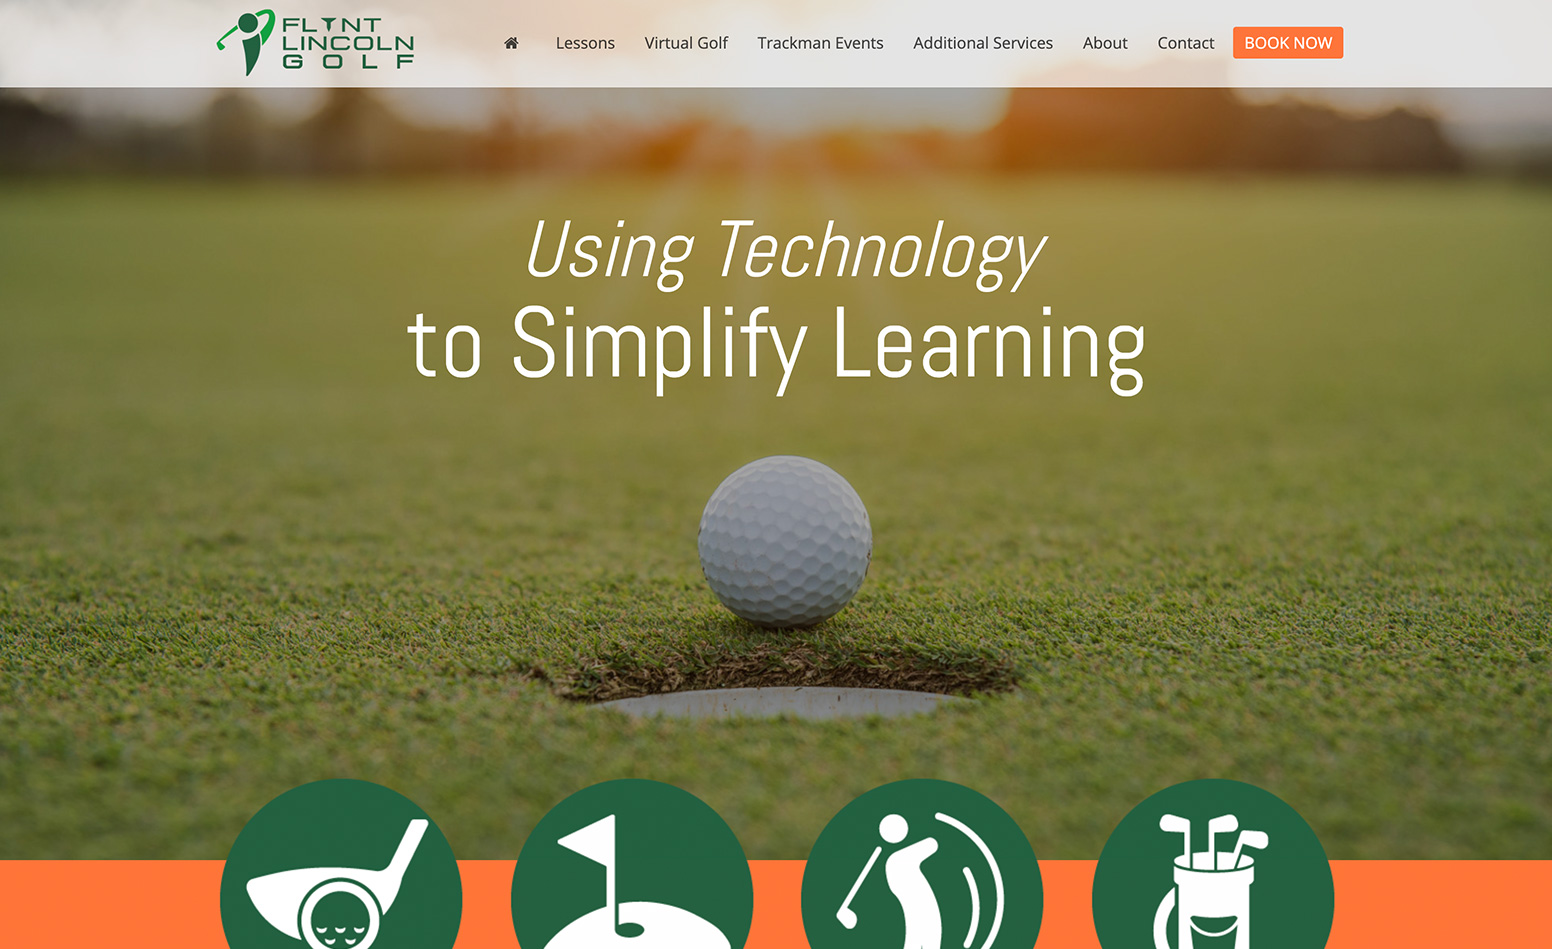 Flynt Lincoln Golf custom website design, custom website design Western MA, web designer Northern CT, logo design CT